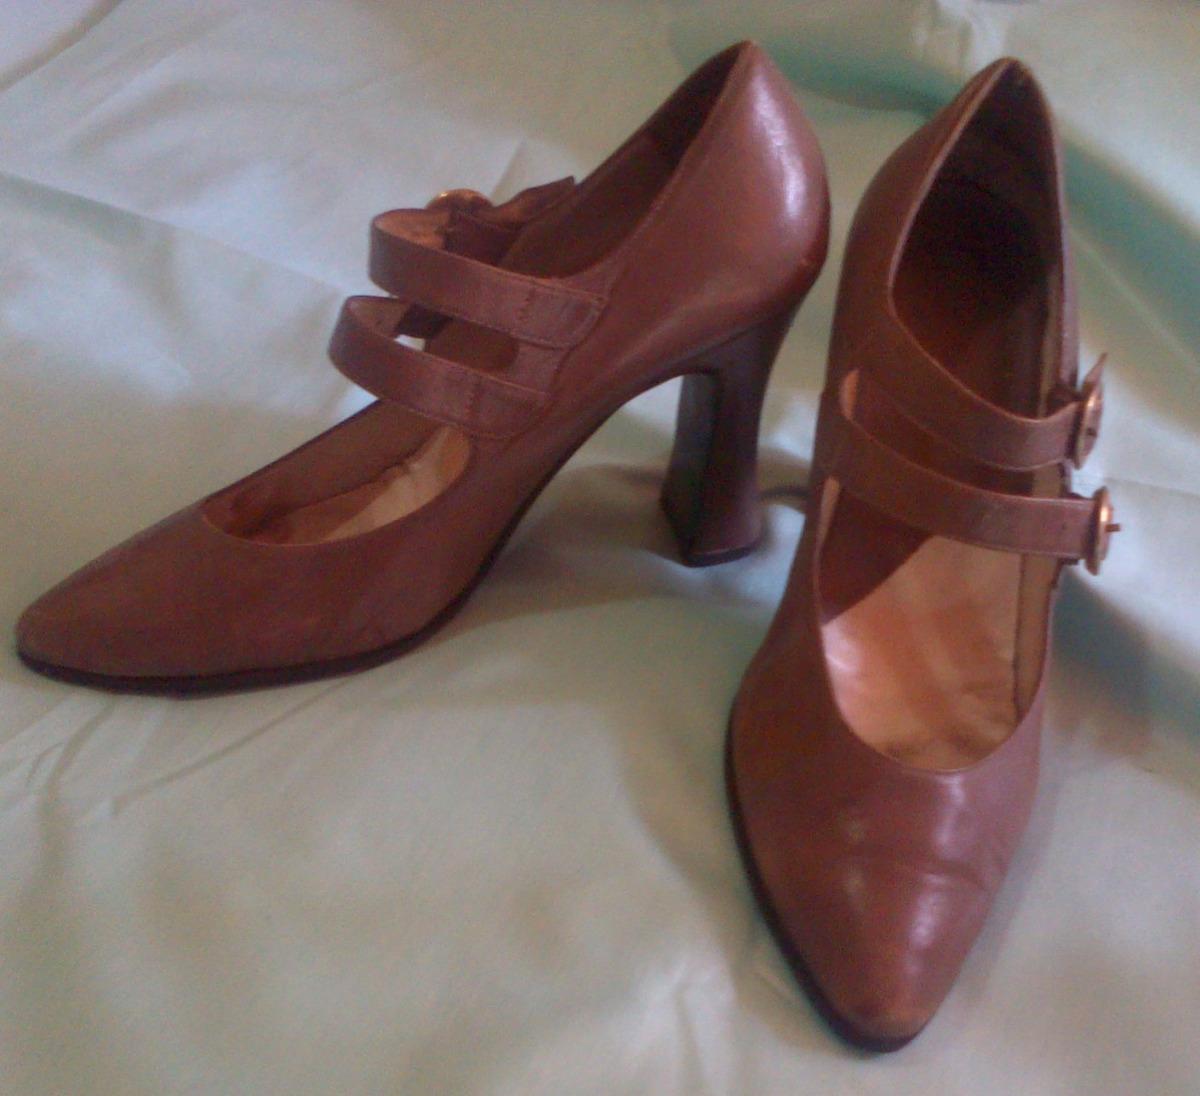 bajo precio buscar auténtico los recién llegados Finos Zapatos Altos Medio Tacon Grueso Pura Piel 35/36 Beige - Bs.  564.499,99